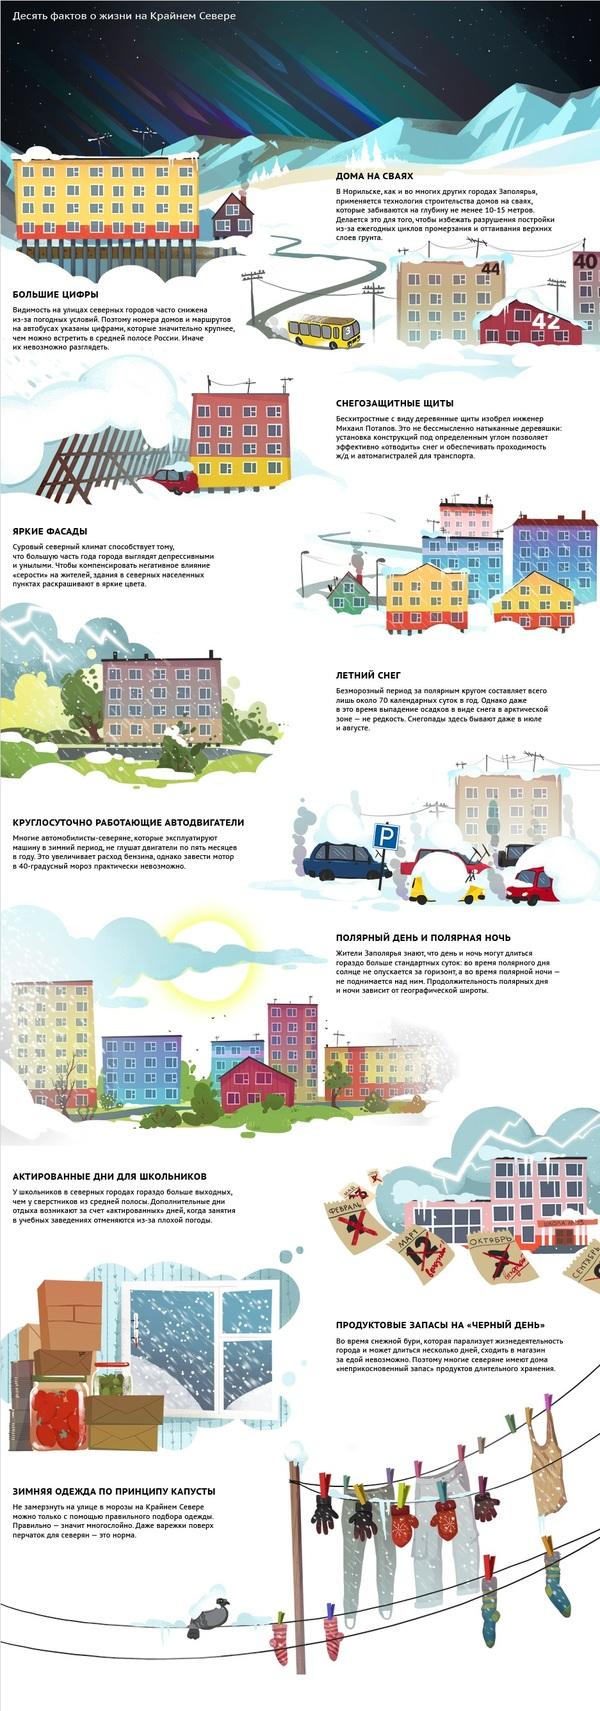 Десять фактов о жизни на Крайнем Севере Инфографика, Крайний север, Длиннопост